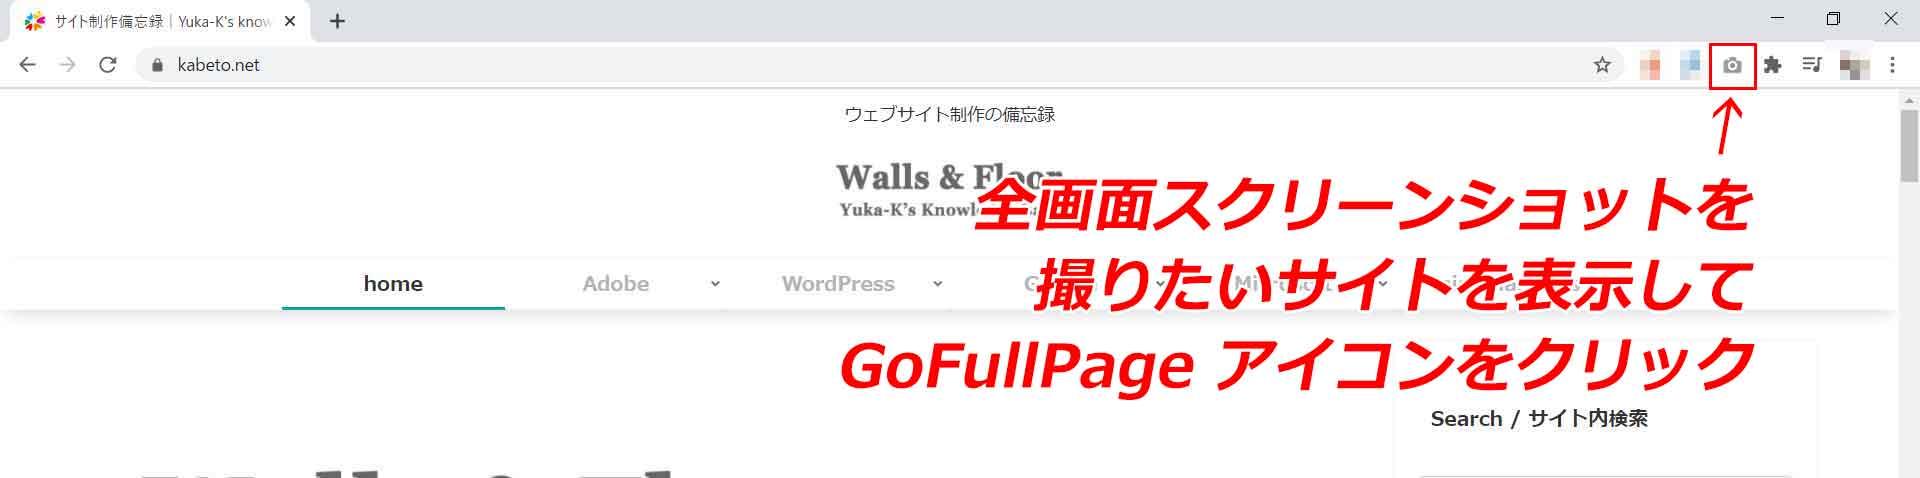 Chrome拡張機能GoFullPageを使ってウェブページのスクリーンショットを撮る